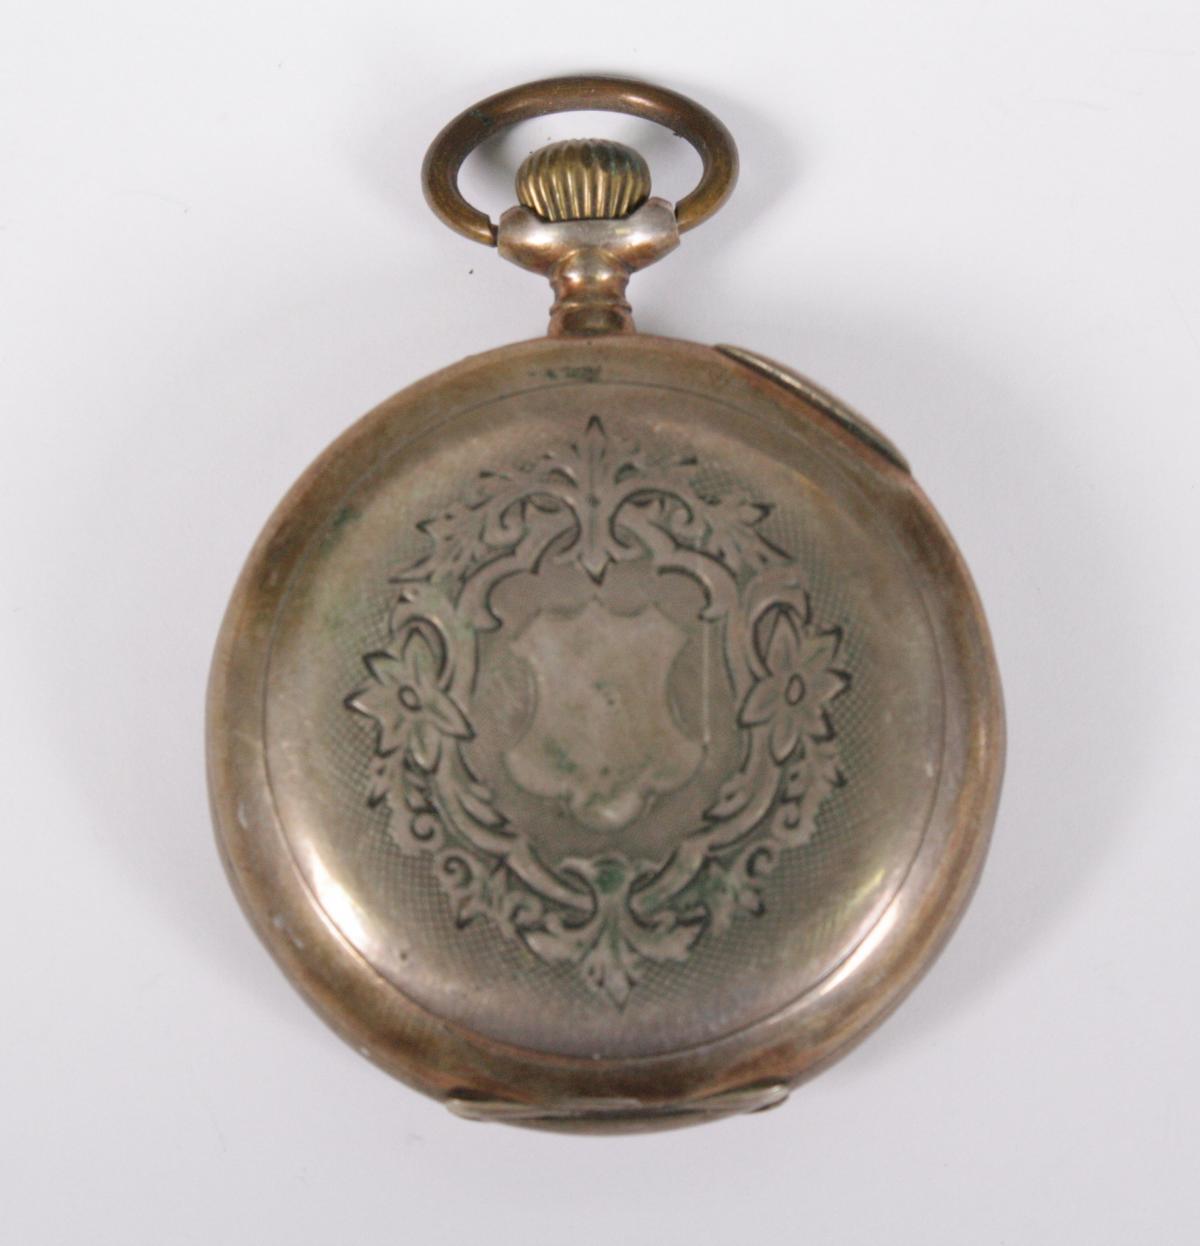 Silberne Herrentschenuhr um 1900-2